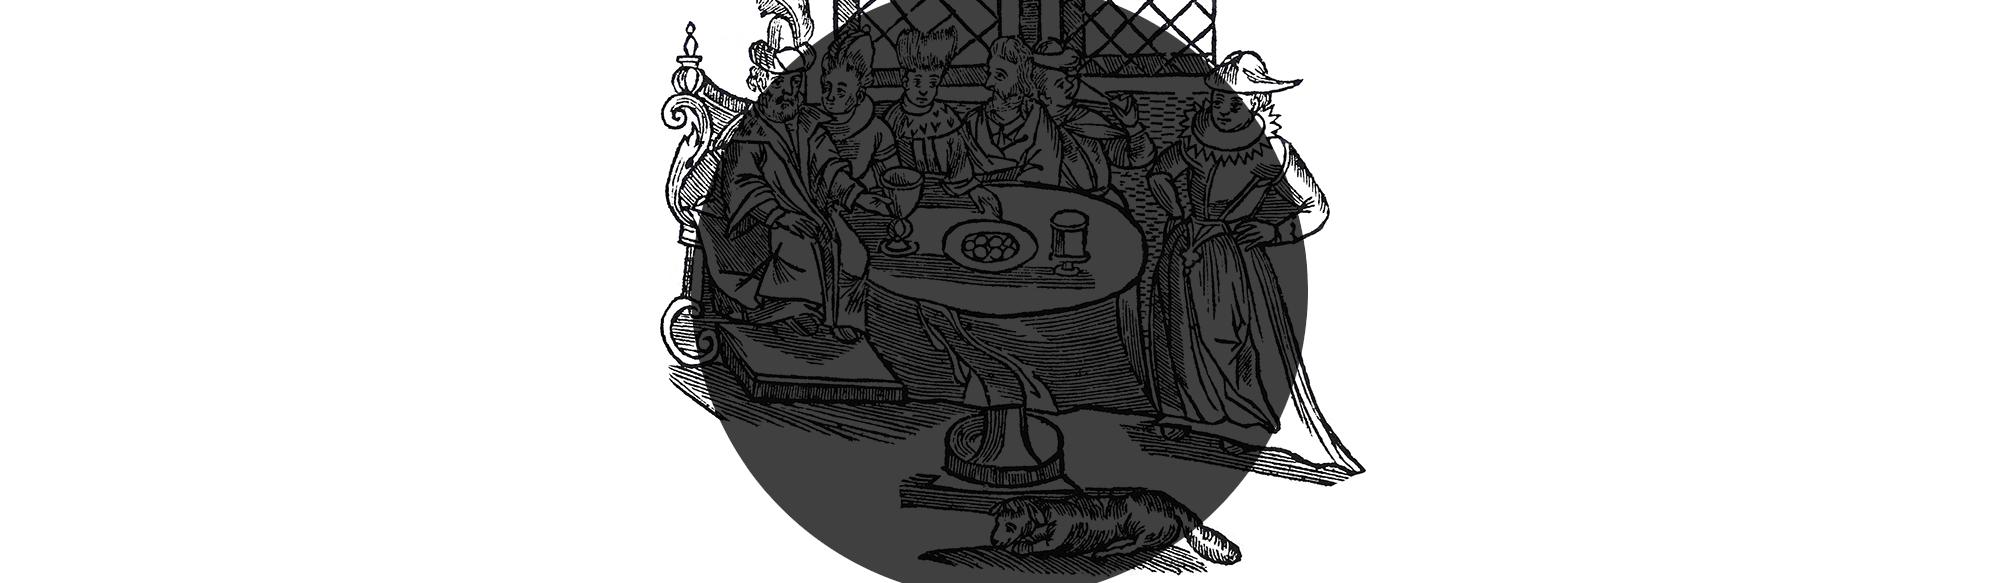 Київська кухня часів Богдана Хмельницького - Частина ІІІ: Шляхетські прянощі та київський аперитив